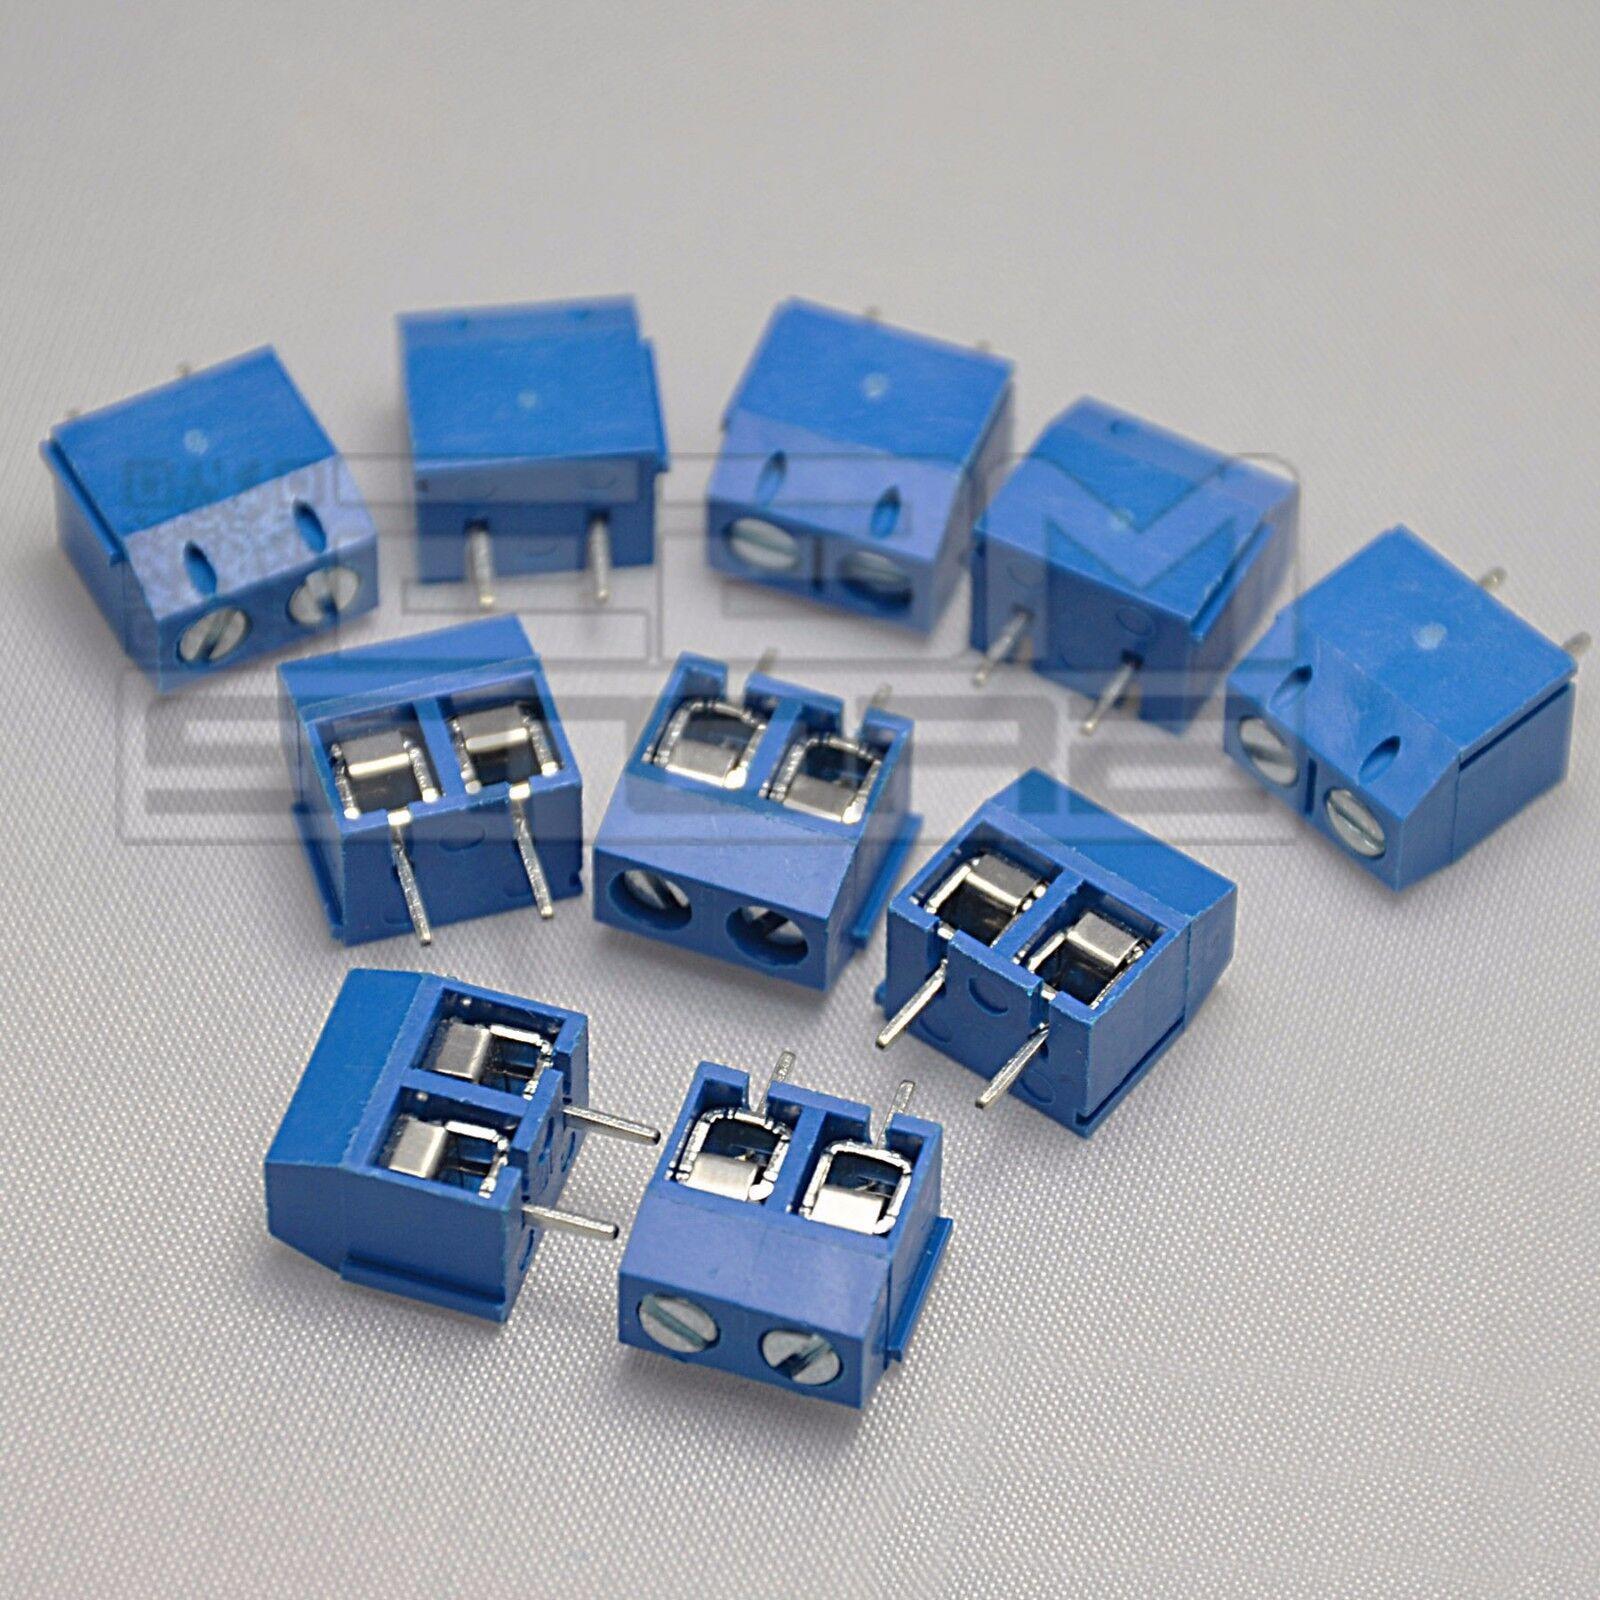 10 pz morsetti 2 poli H=10 Morsettiera PCB circuito stampato - ART. AZ11